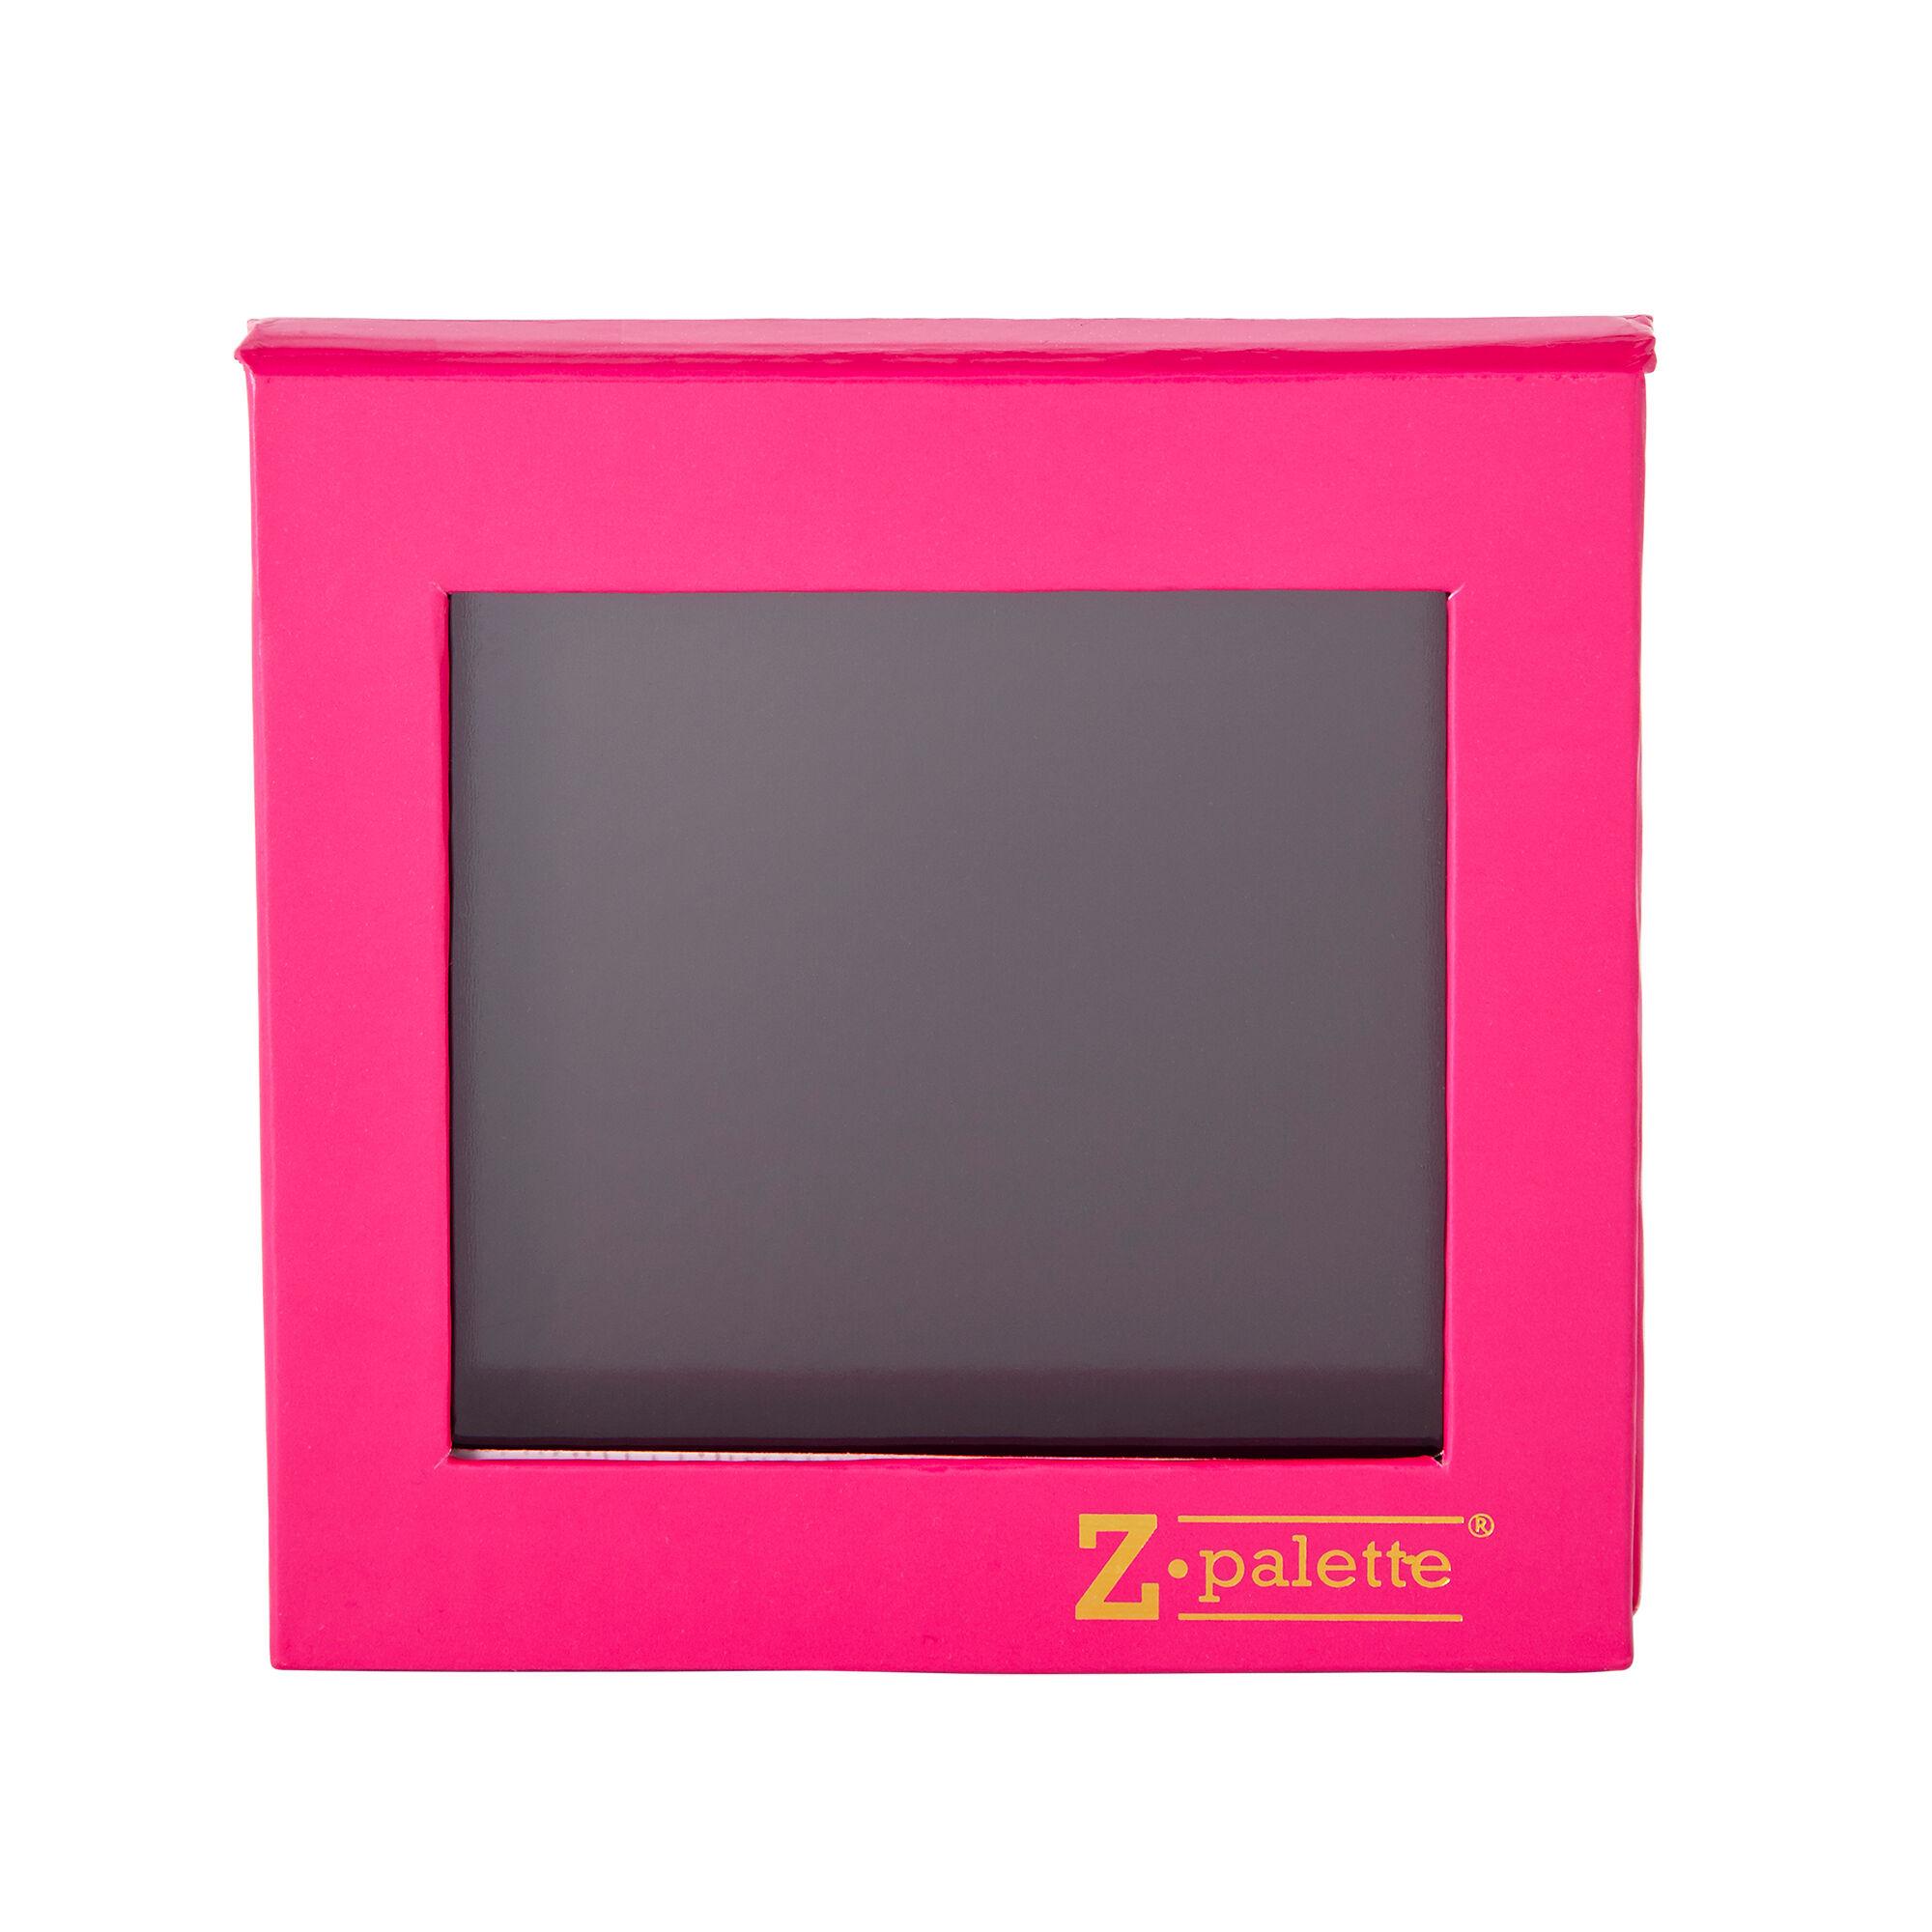 Z Palette Petite palette magnétique Noir Hot Pink